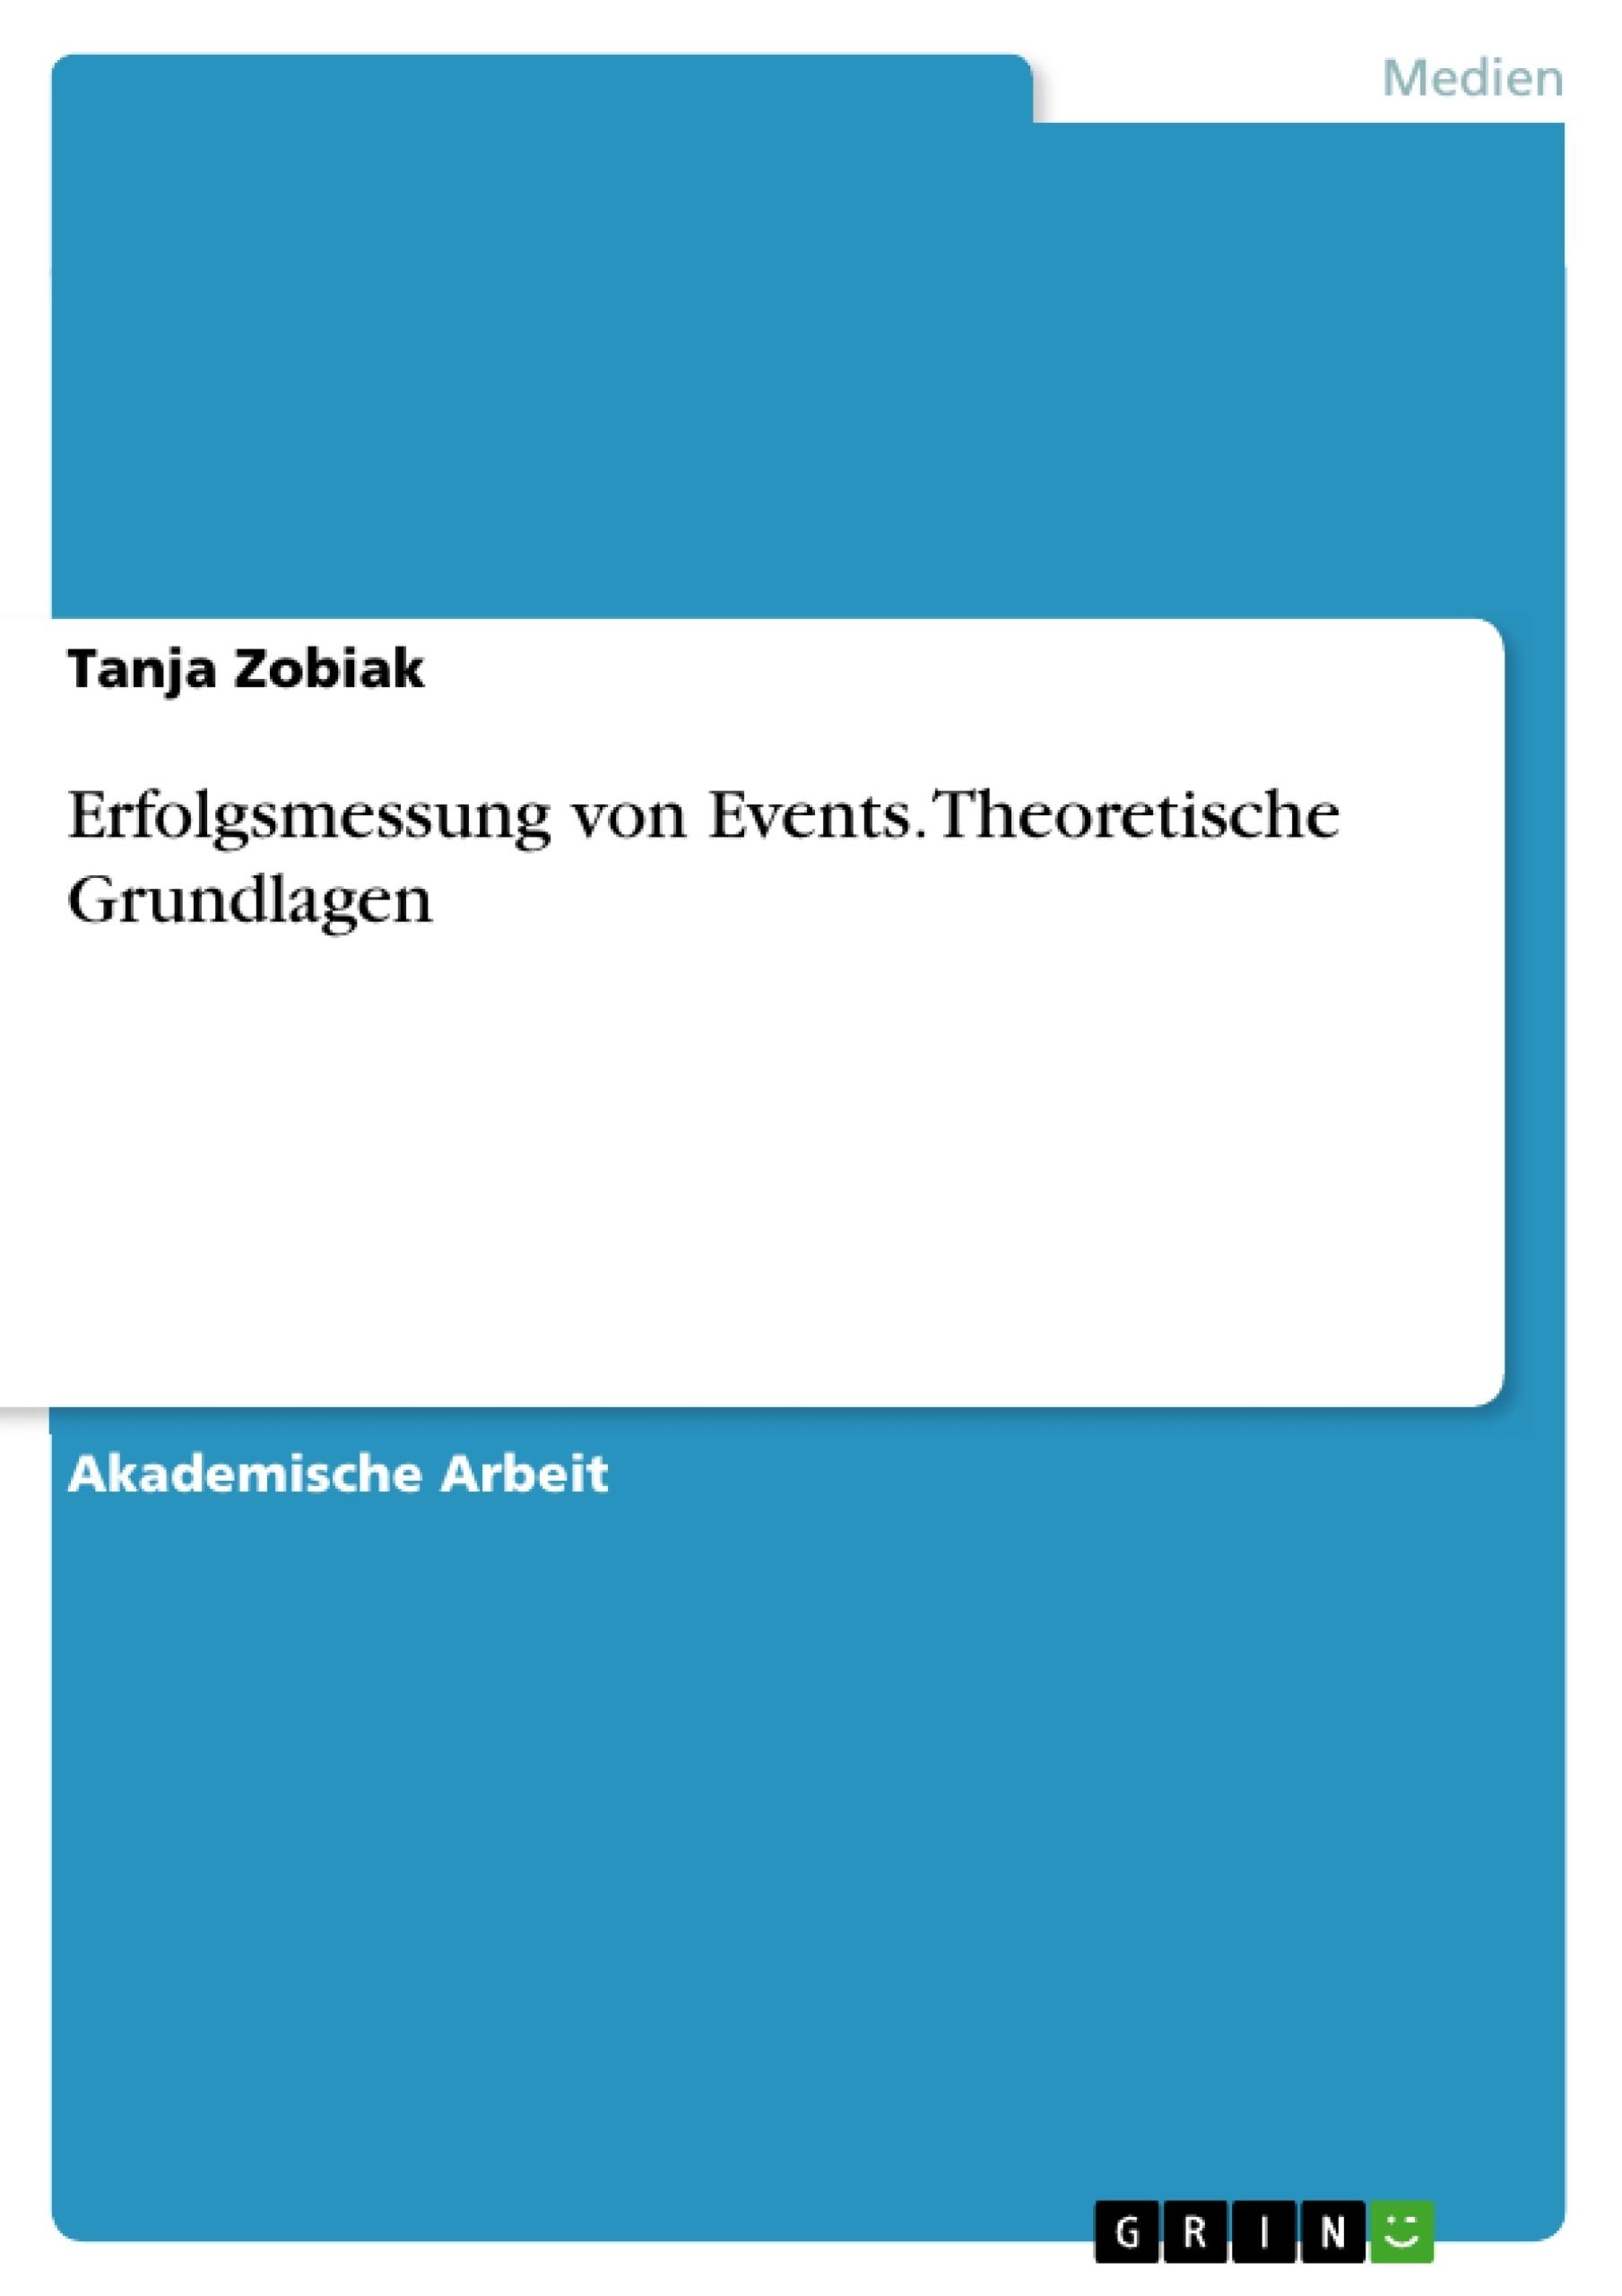 Titel: Erfolgsmessung von Events. Theoretische Grundlagen